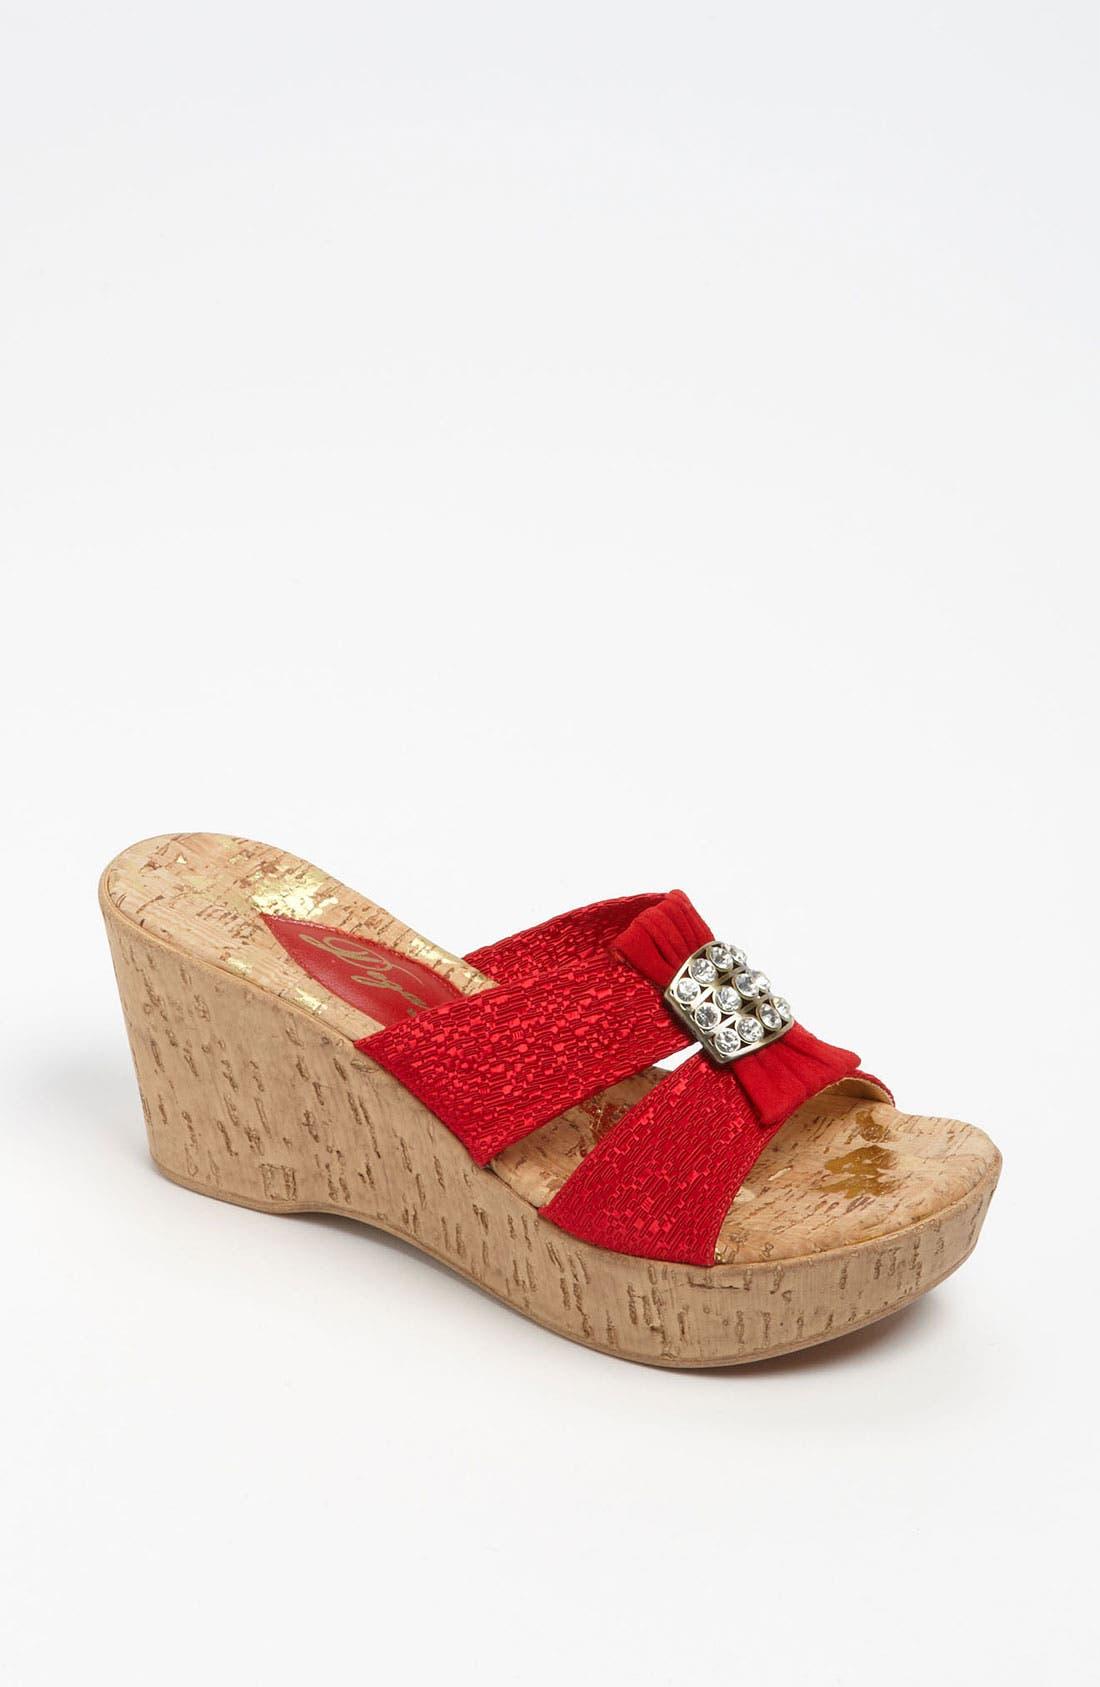 Alternate Image 1 Selected - Dezario 'Darla' Sandal